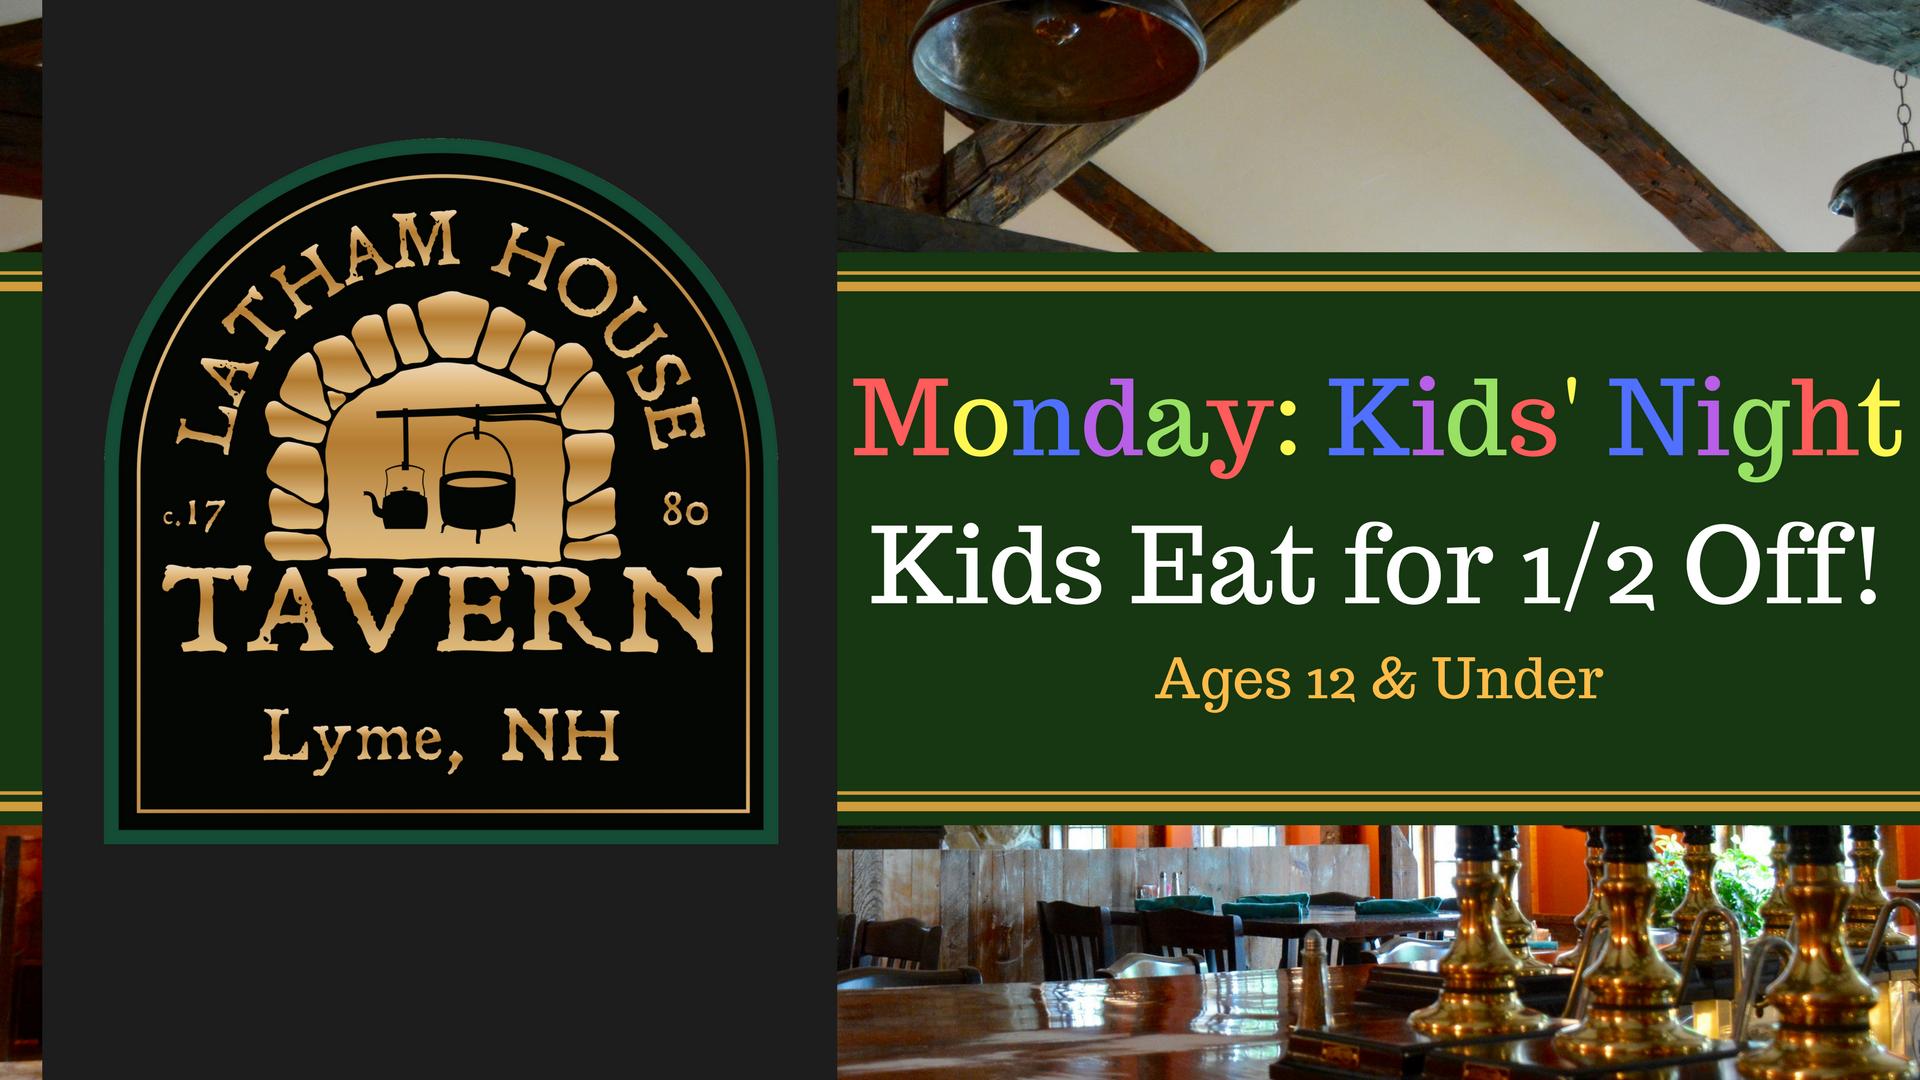 Monday: Kids' Night - Latham House Tavern